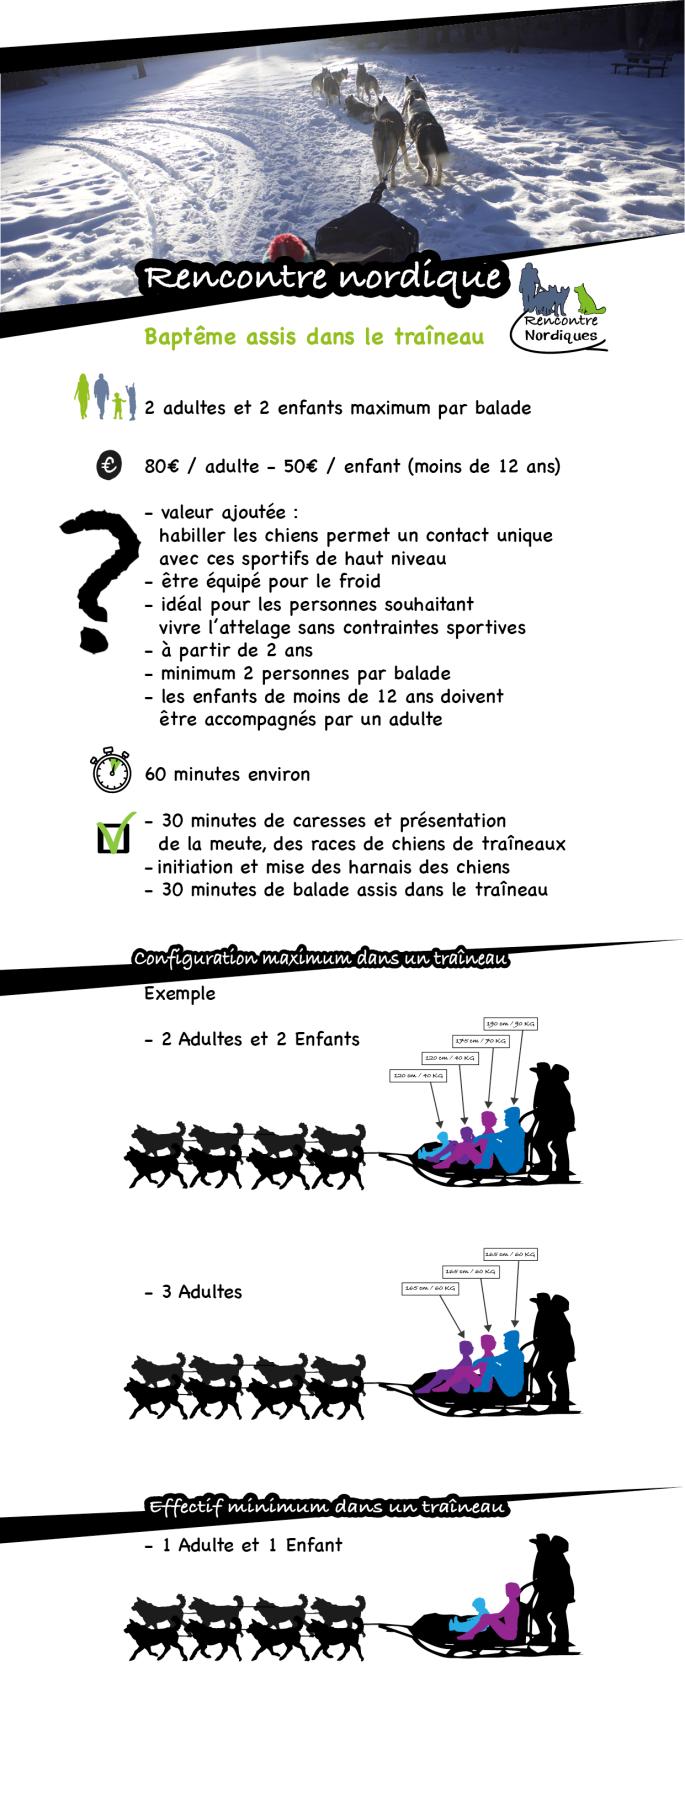 activités vassieux-en vercors